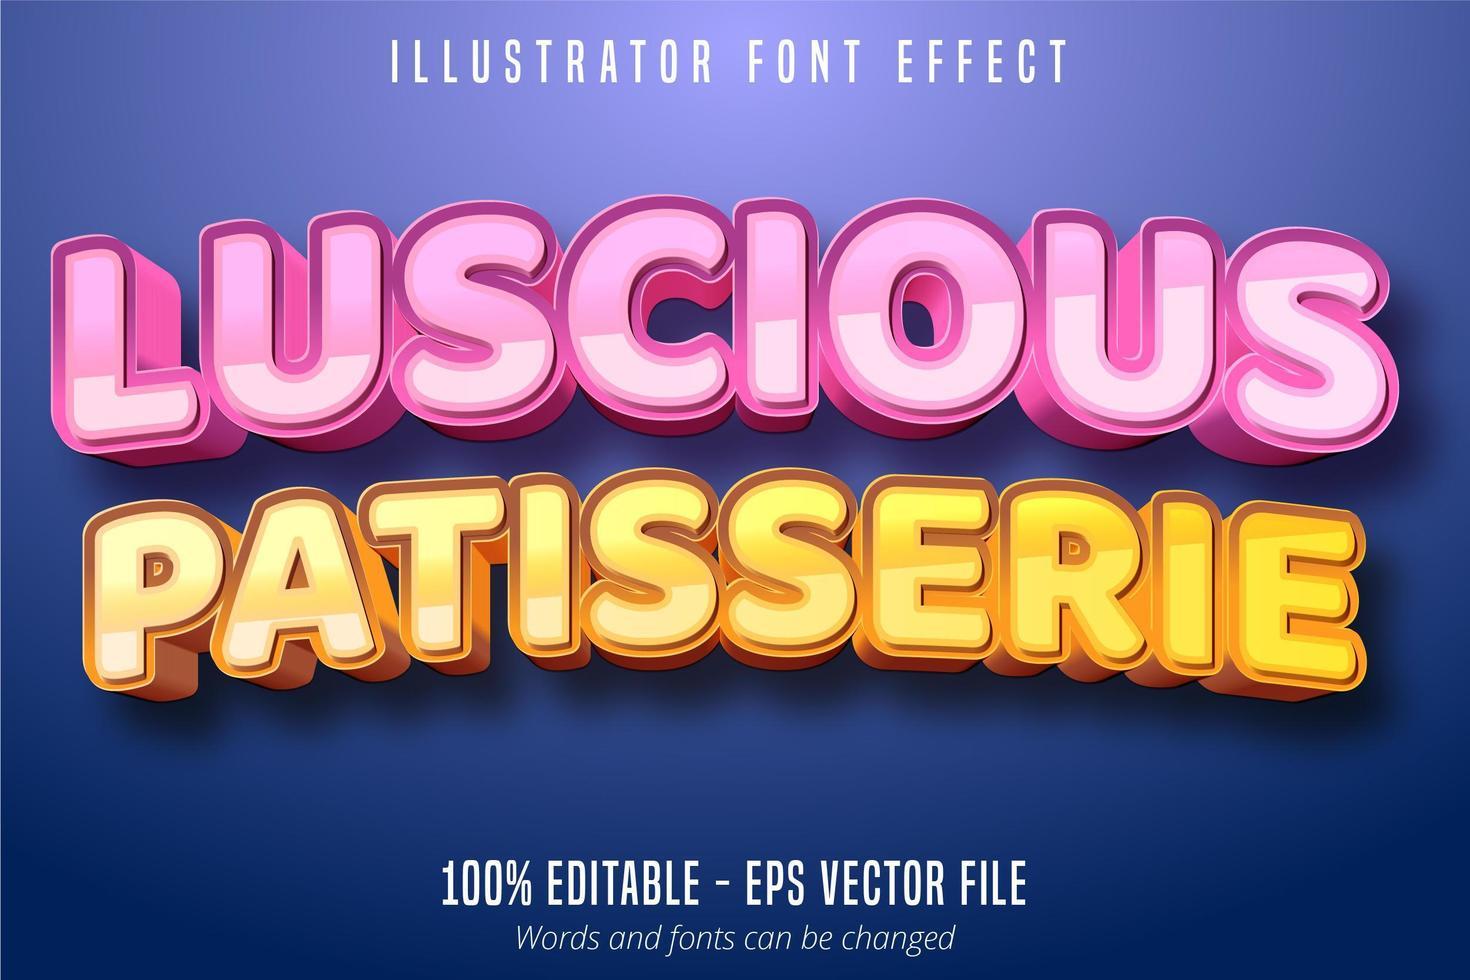 delizioso testo di pasticceria, effetto font modificabile in stile pasticceria 3d vettore